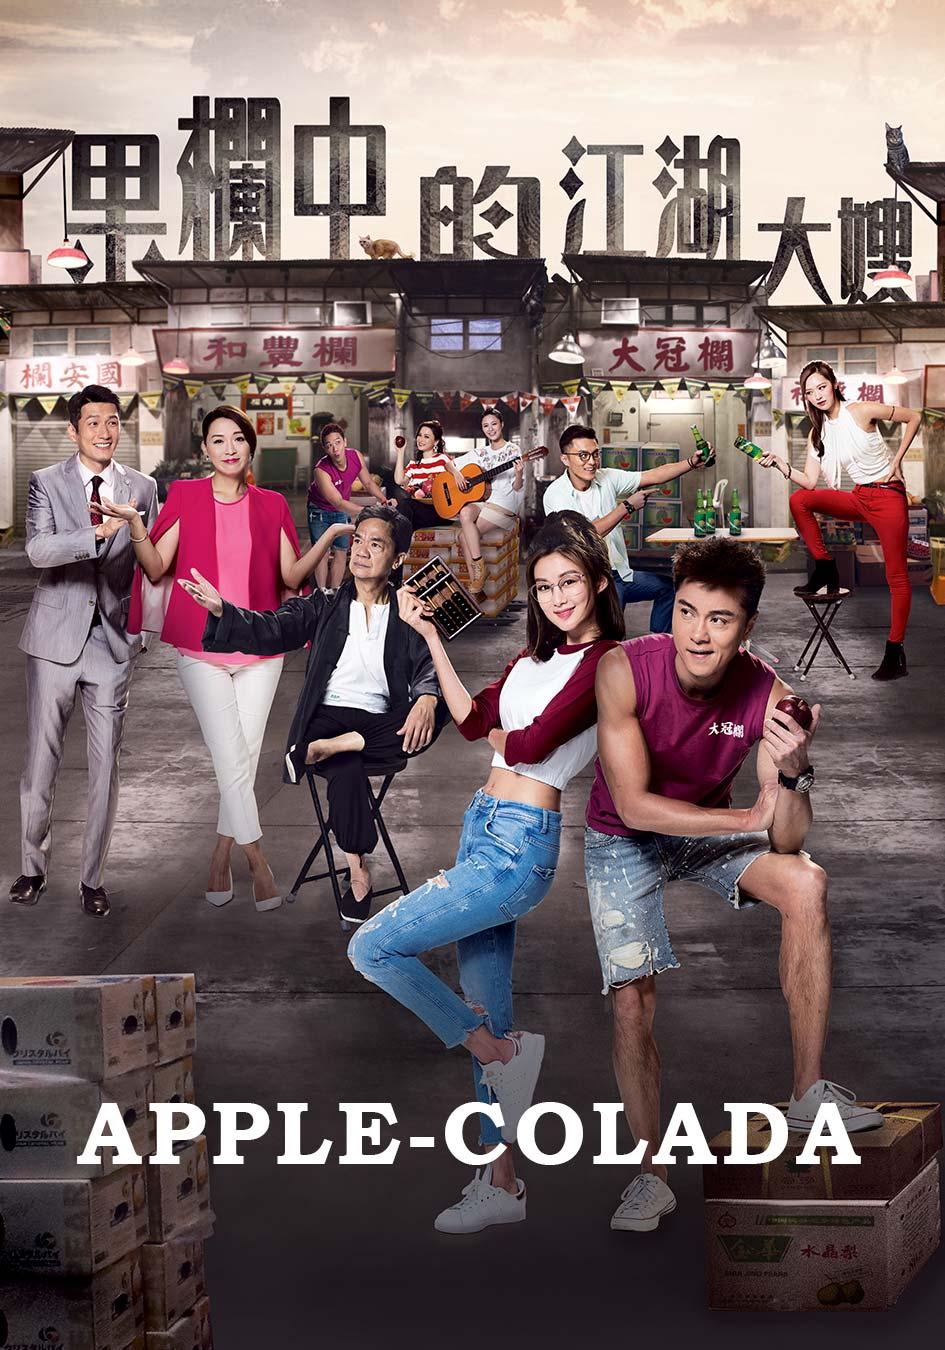 Apple-colada-Apple-colada